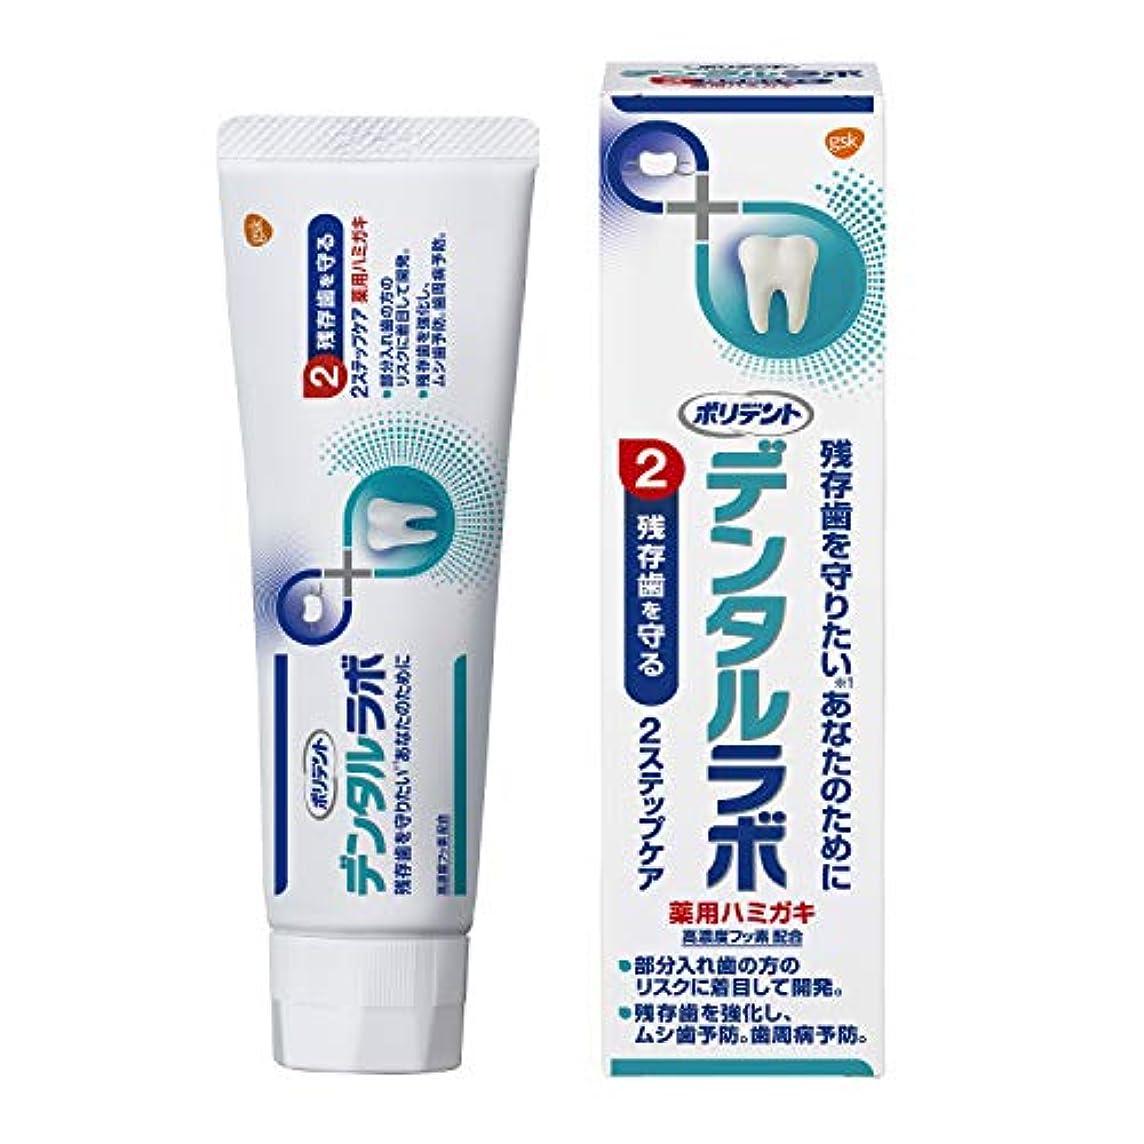 メタルラインつまずくもっと[医薬部外品]デンタルラボ 薬用ハミガキ 歯周病(歯肉炎?歯槽膿漏) 予防 歯磨き粉 100g